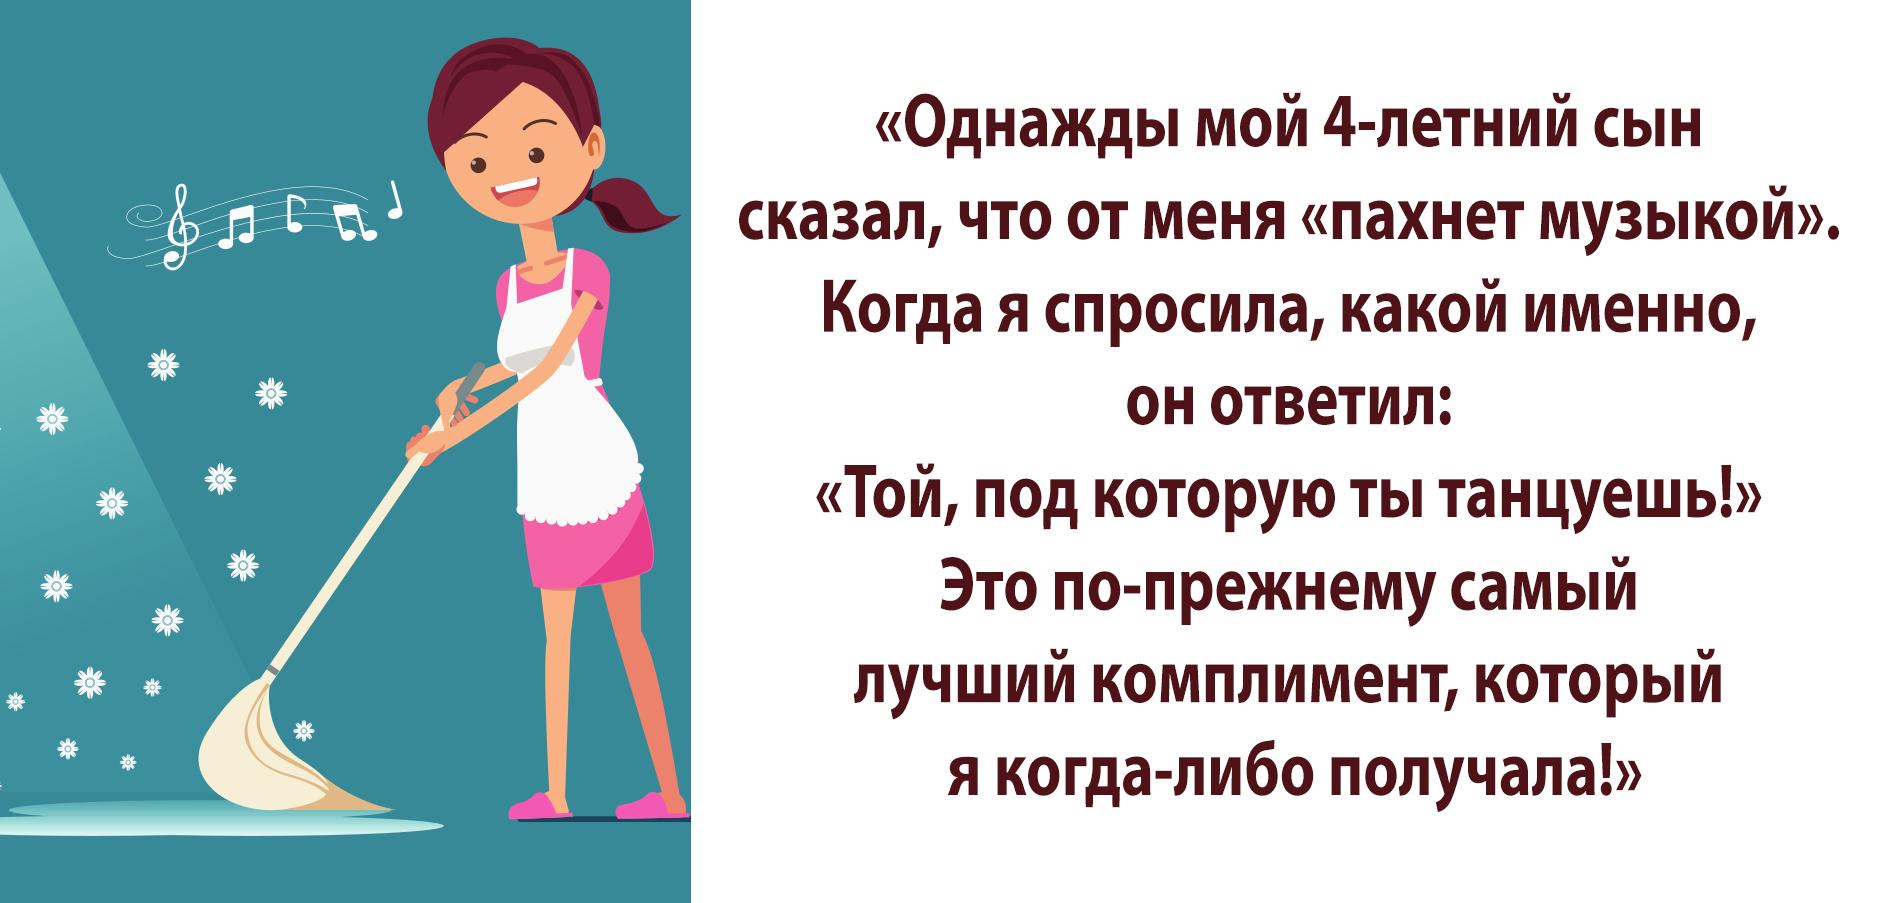 1606297846_144777.jpg